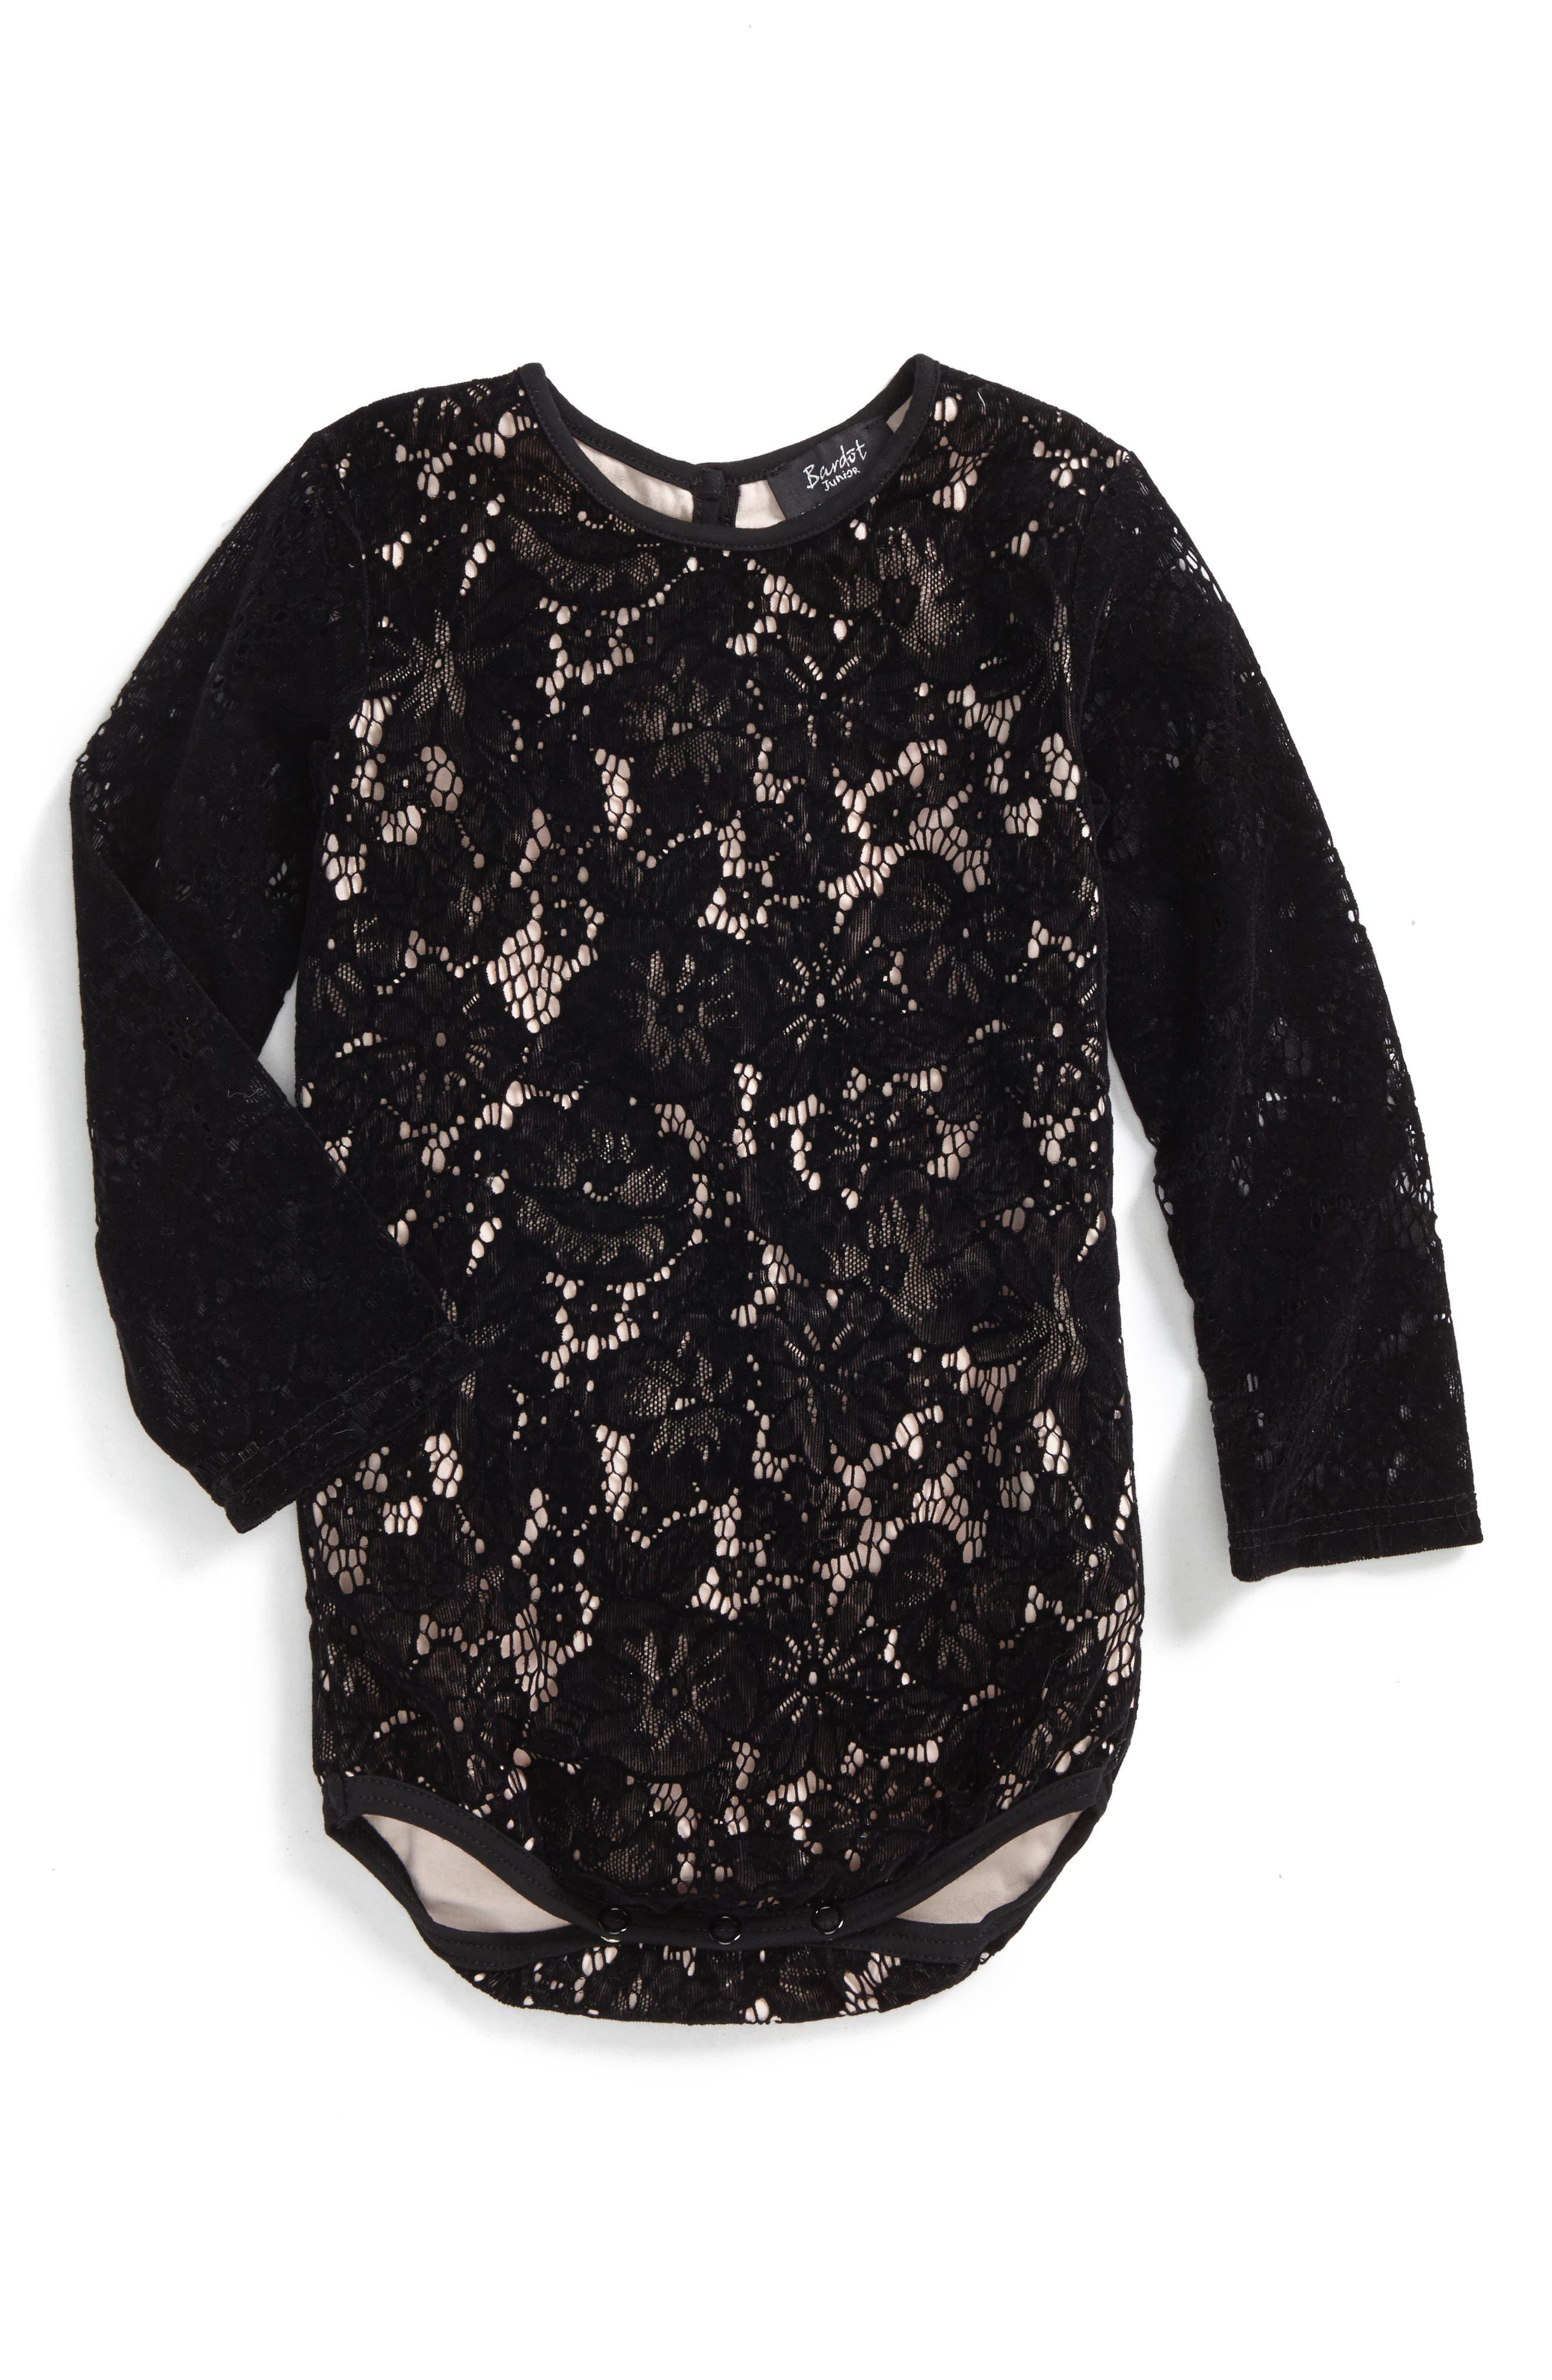 Main Image - Bardot Junior Lacey Bodysuit (Baby Girls & Toddler Girls)